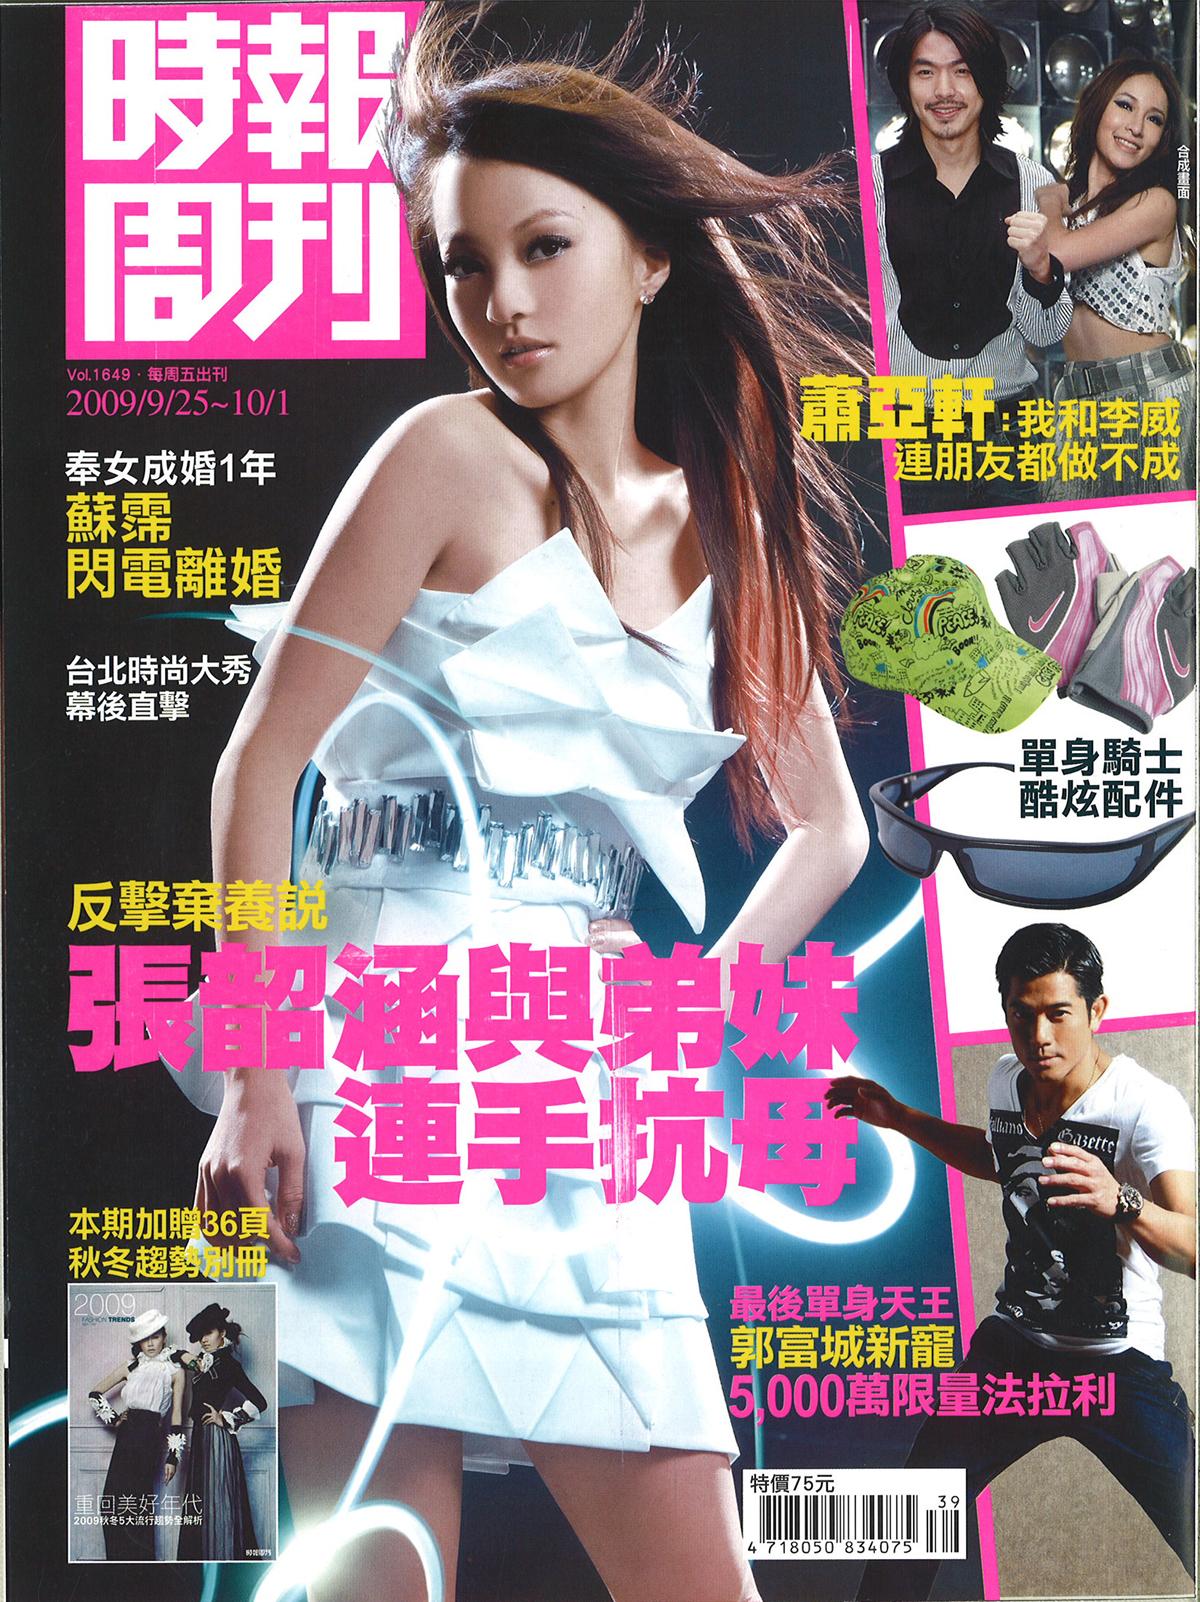 20090925時報封面.jpg